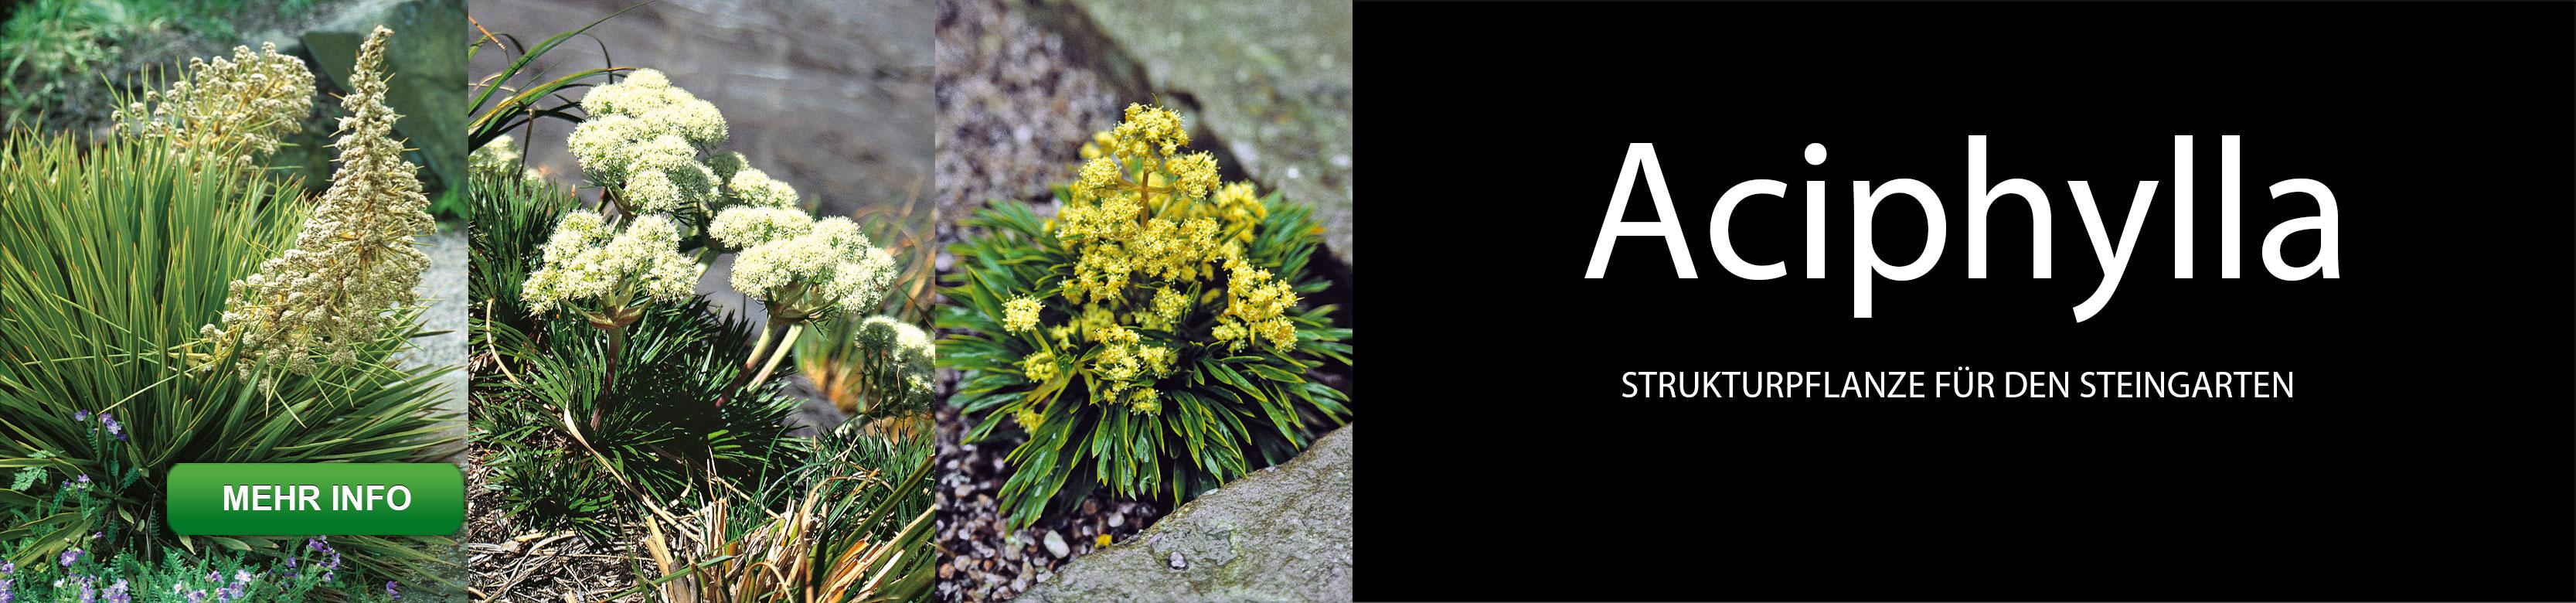 Slider Aciphylla